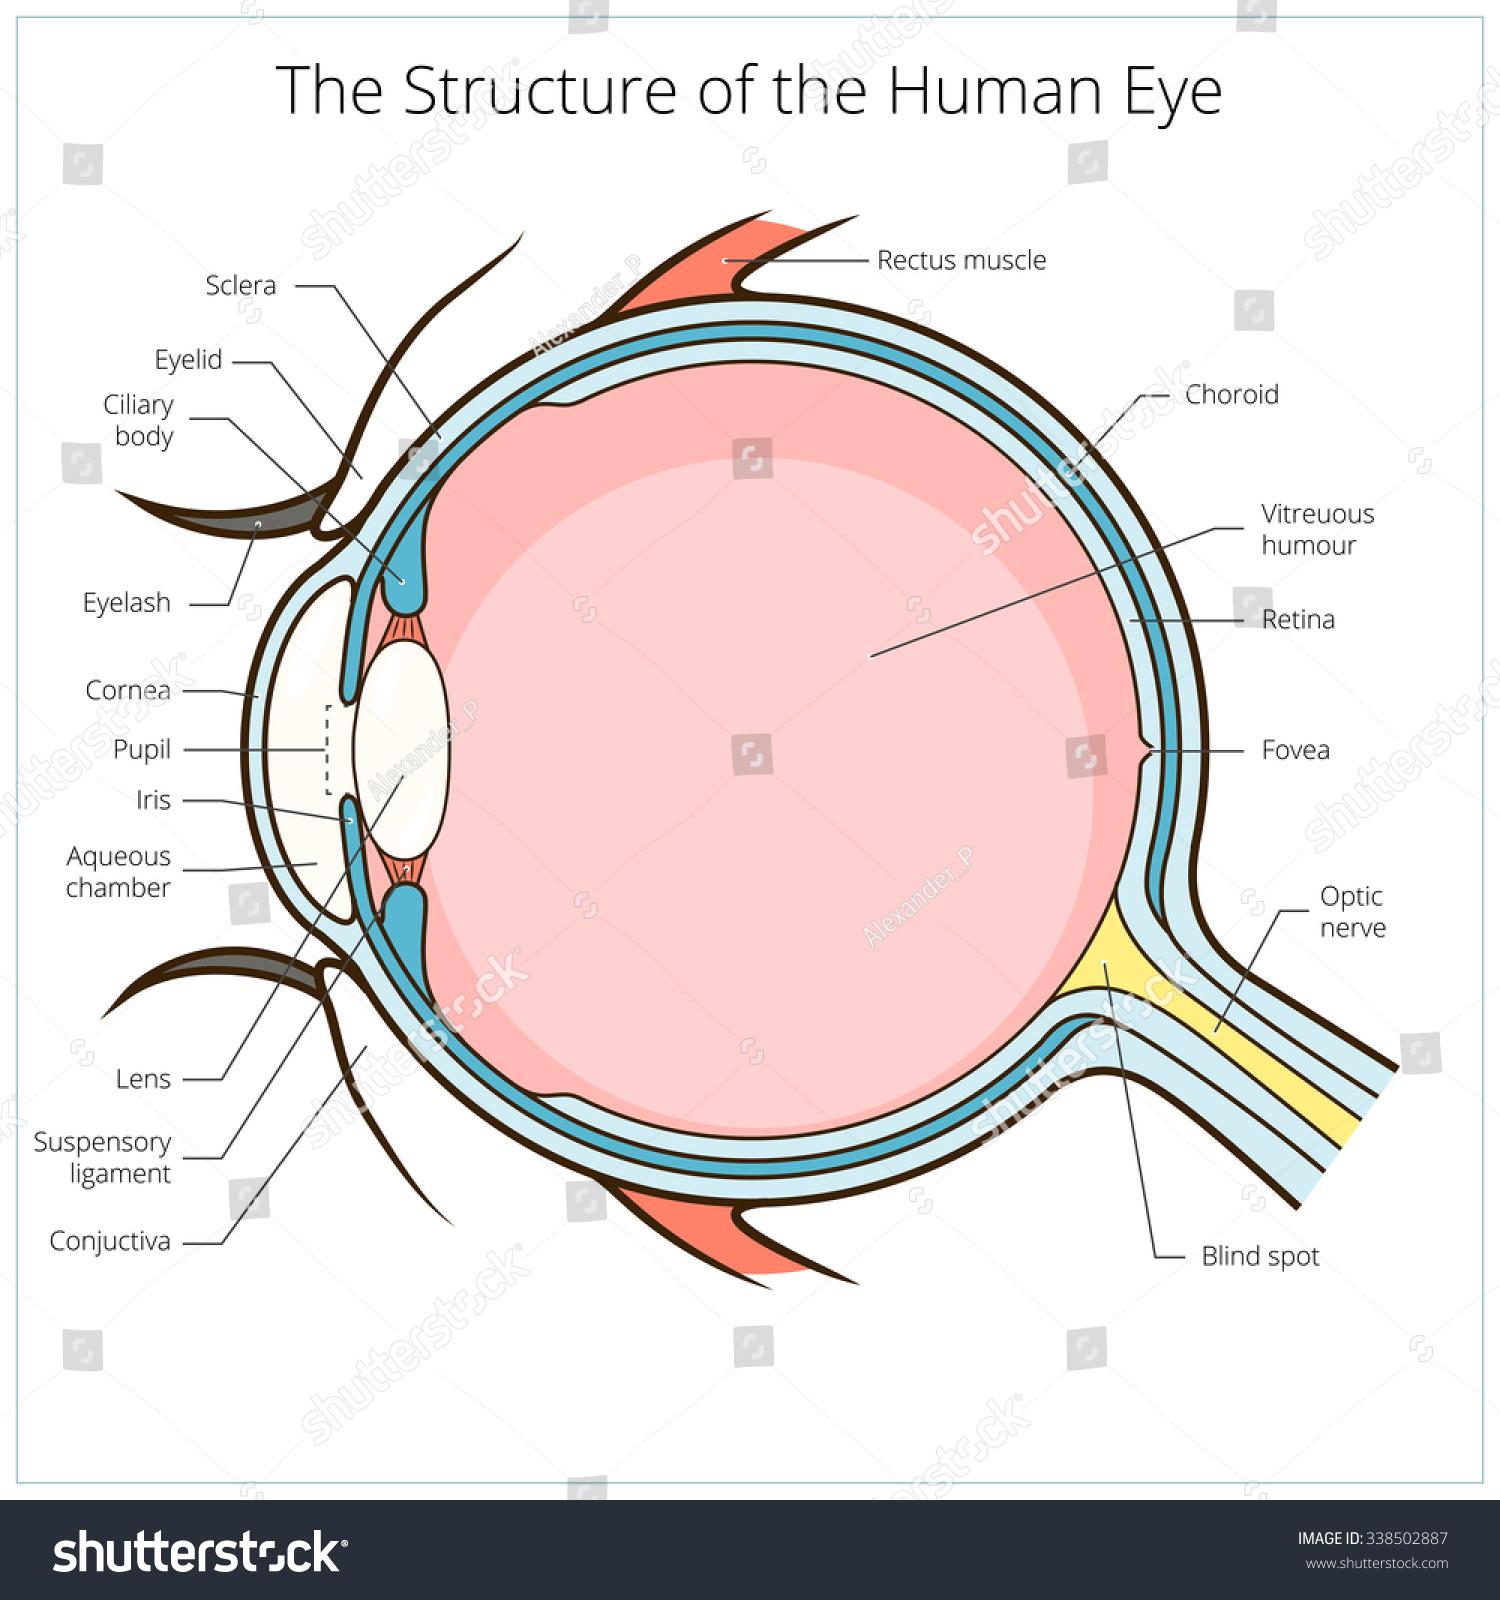 Human Eye Structure Scheme Medical Vector Stock Photo (Photo, Vector ...